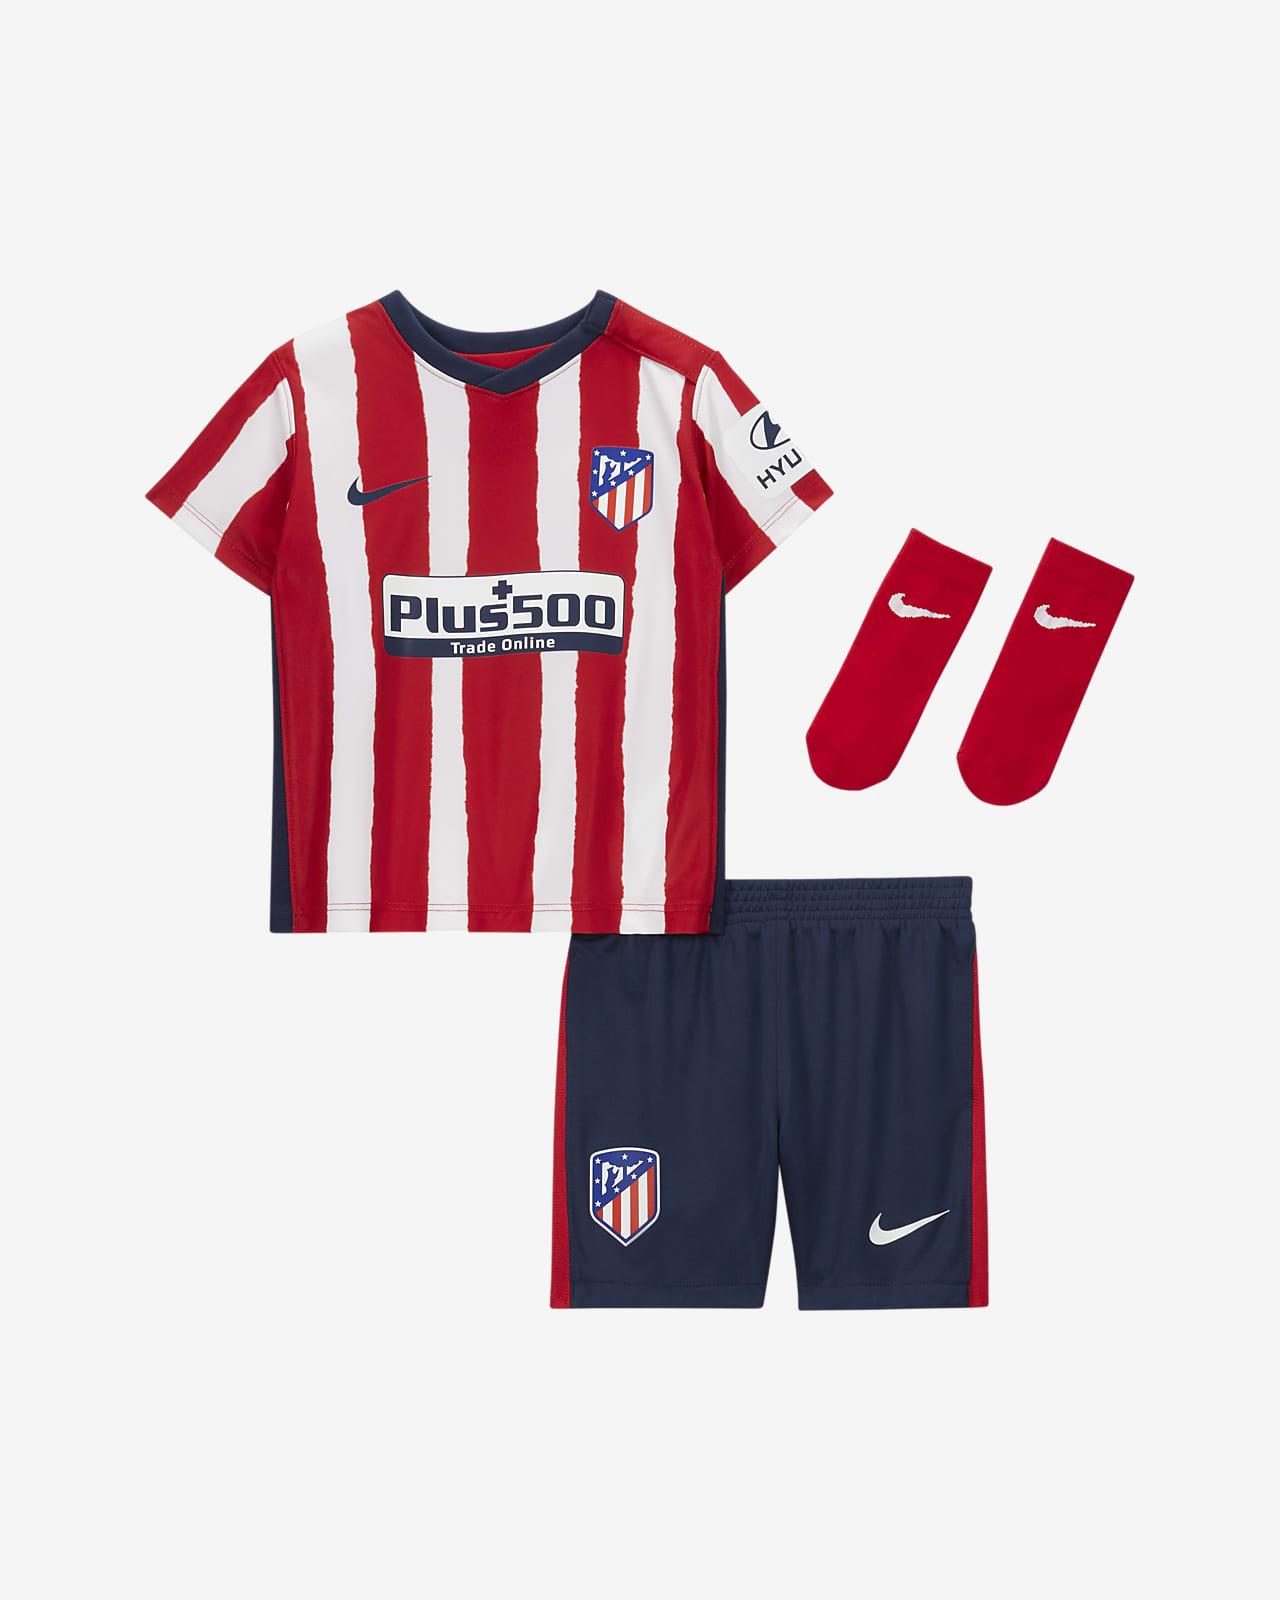 Primera equipació Atlético de Madrid 2020/21 Equipació de futbol - Nadó i infant